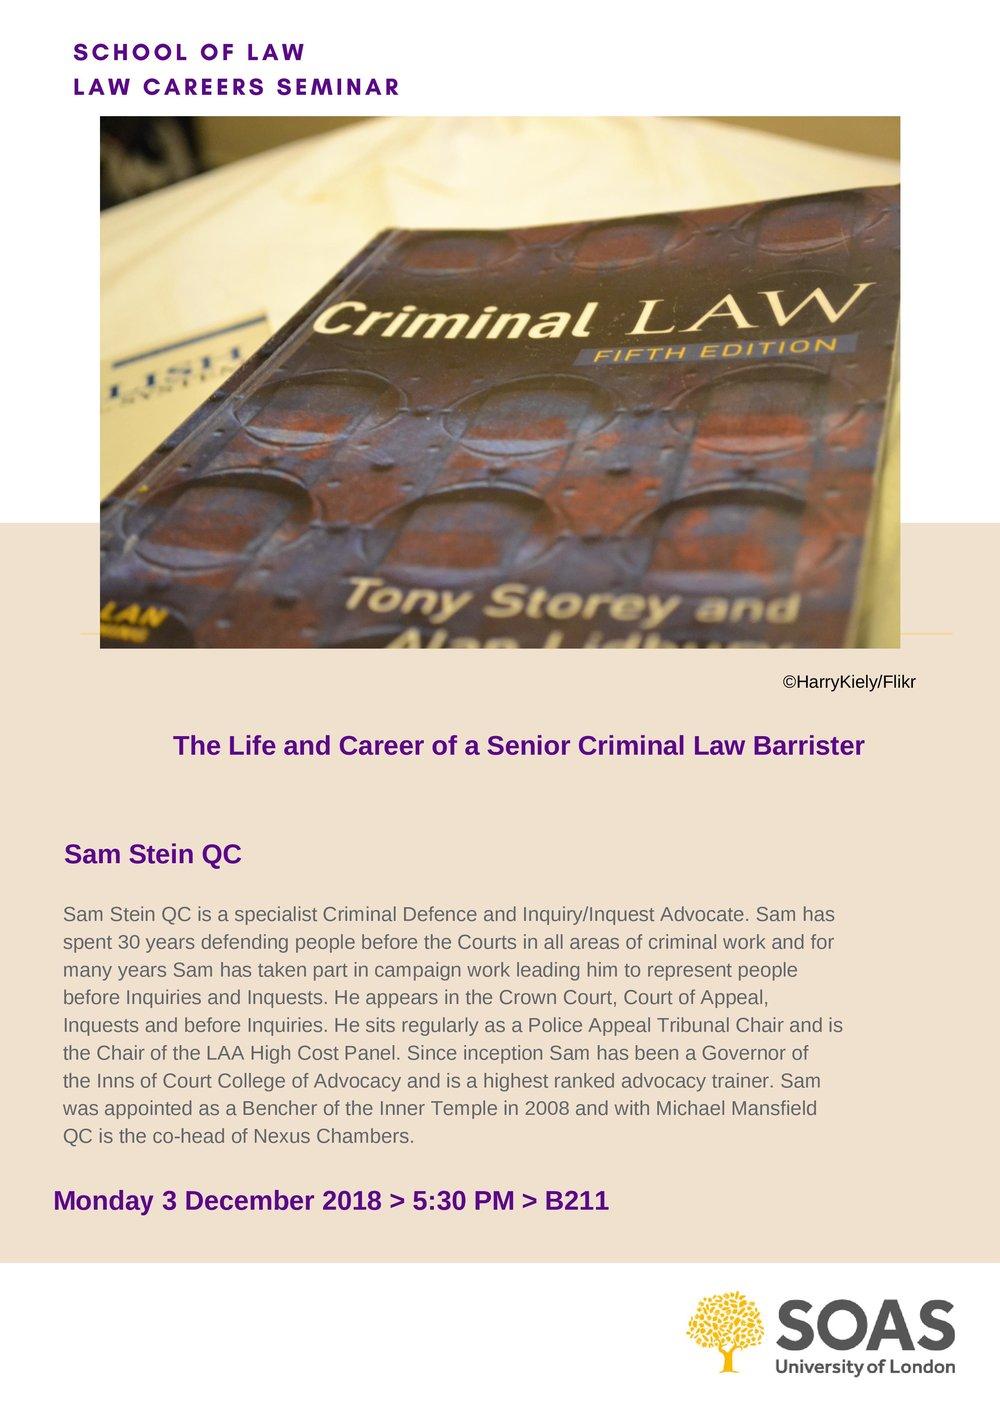 Senior Criminal Law Barrister - Final Flyer-page-001.jpg